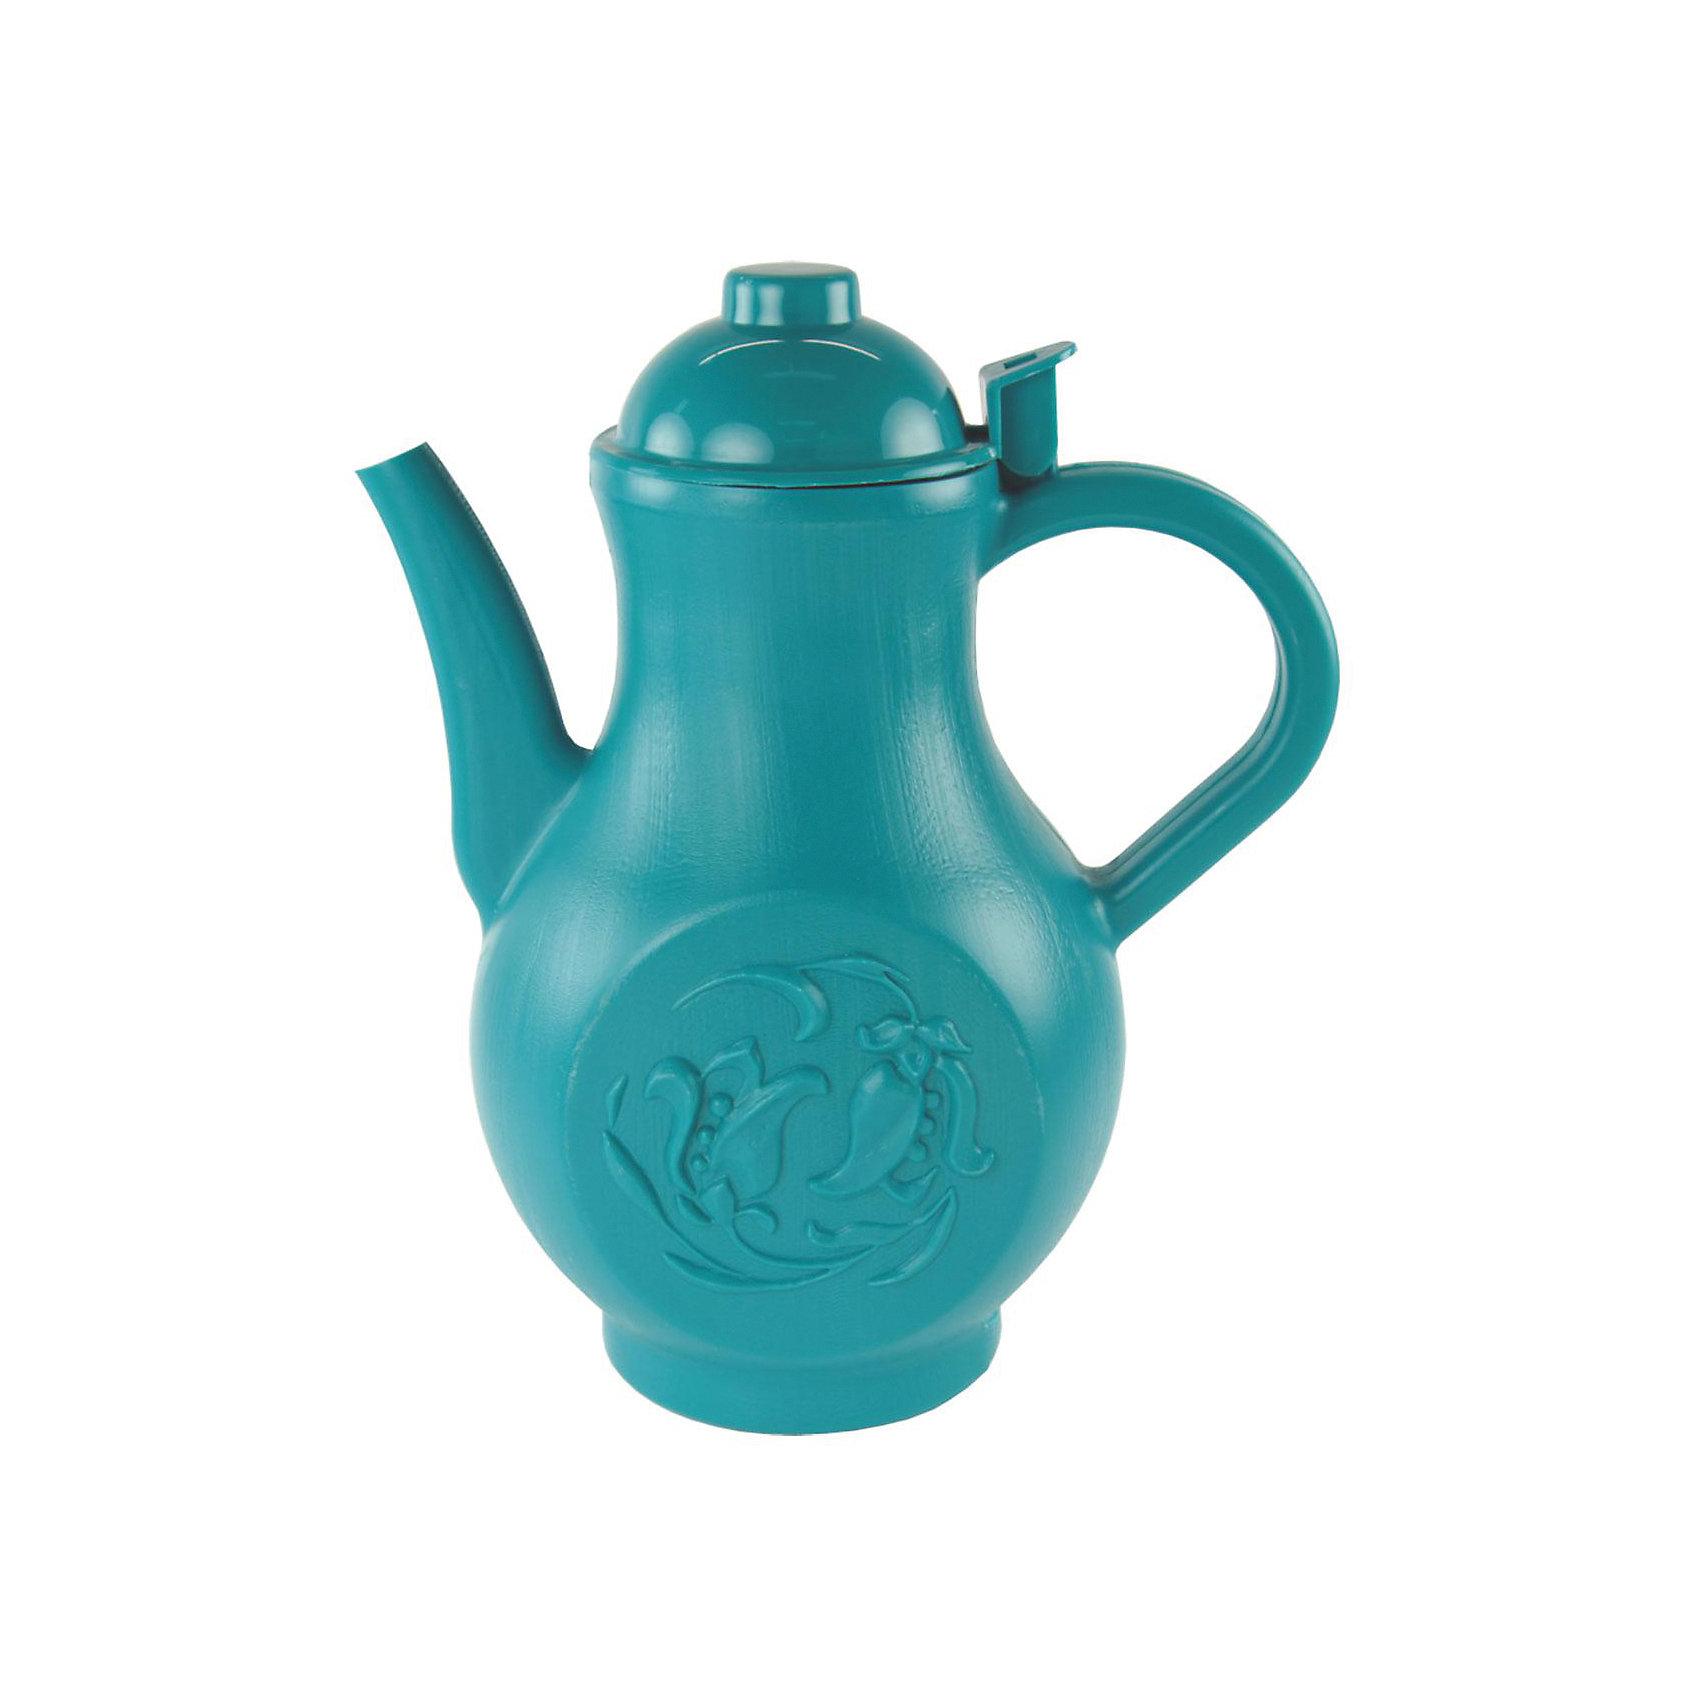 Кувшин (кумган) Тюльпан 1,8л., AlternativaПосуда<br>Кувшин (кумган) Тюльпан 1,8л. , Alternativa предназначен для различных жидкостей. Он имеет удобную форму ручки и специальный носик, для слива жидкости. Можно использовать под напитки или в качестве лейки. Крышка не позволит жидкости разлиться. Кувшин имеет красивую форму,поэтому станет отличным украшение для вашего дома.<br><br>Дополнительная информация:<br> -Объём: 1,8 л<br>-Материал: пластмасса<br> -Марка: Alternativa<br><br>Кувшин (кумган) Тюльпан 1,8л. , Alternativa вы можете приобрести в нашем интернет-магазине.<br><br>Ширина мм: 200<br>Глубина мм: 100<br>Высота мм: 230<br>Вес г: 148<br>Возраст от месяцев: 6<br>Возраст до месяцев: 588<br>Пол: Унисекс<br>Возраст: Детский<br>SKU: 5096645